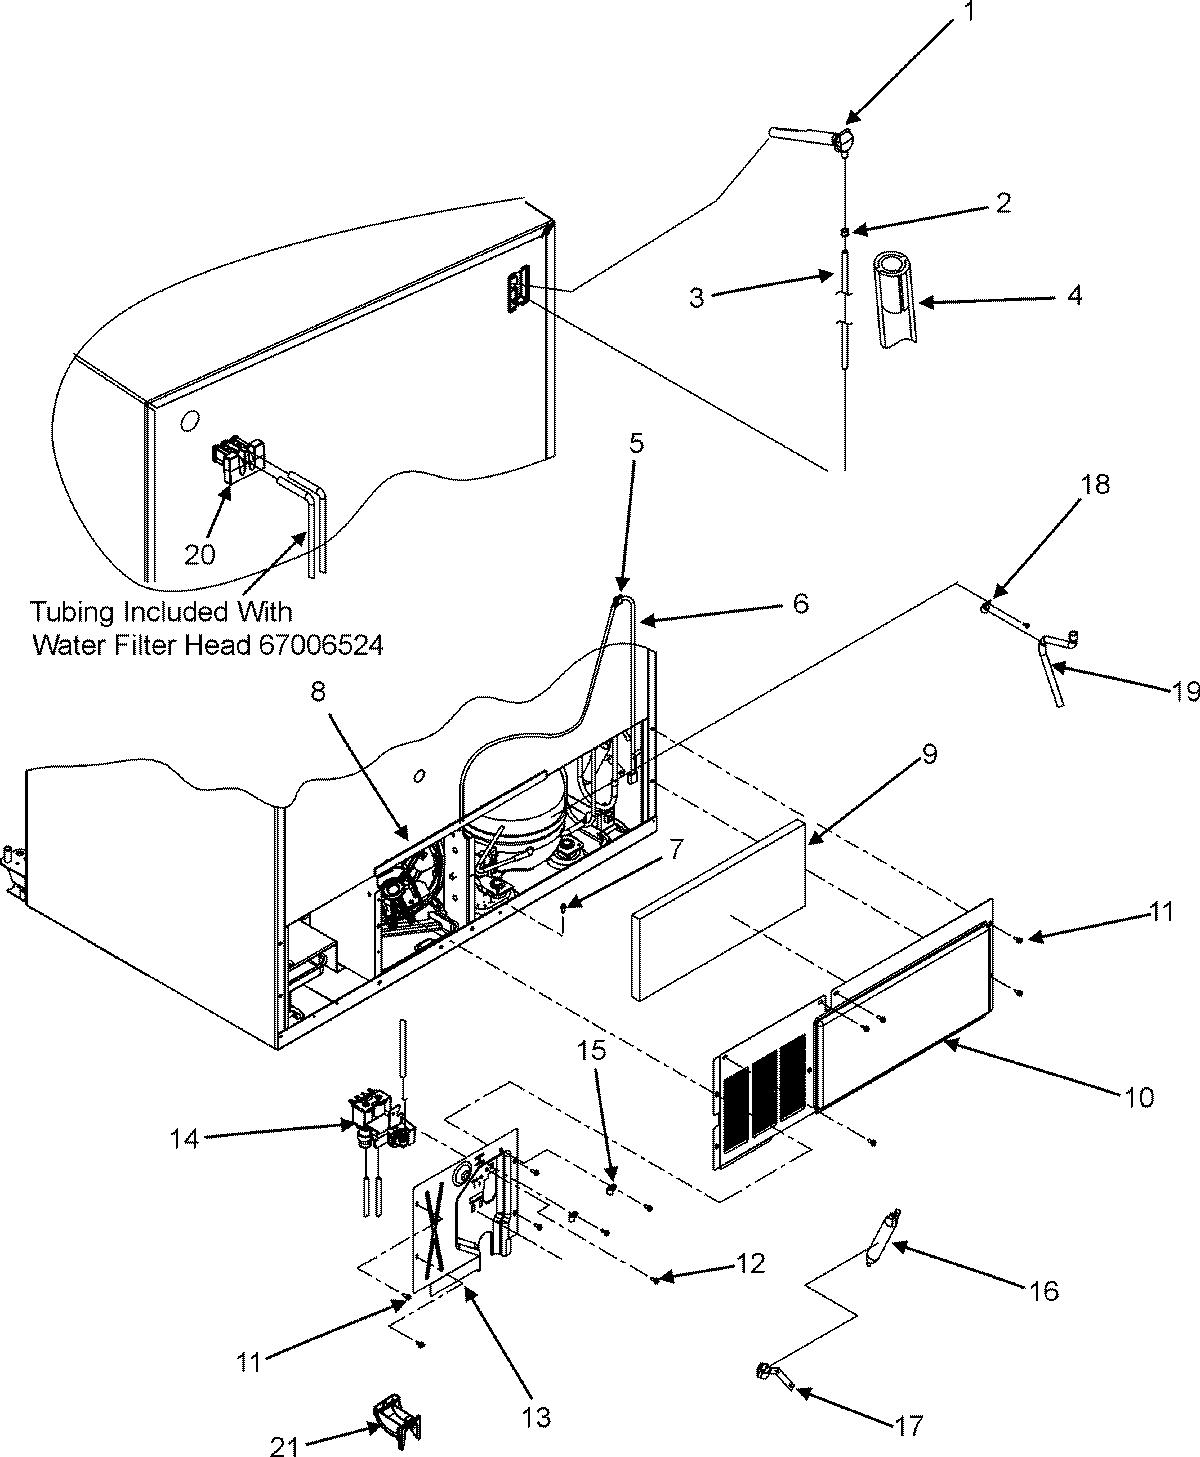 Maytag model MSD2651KES side-by-side refrigerator genuine